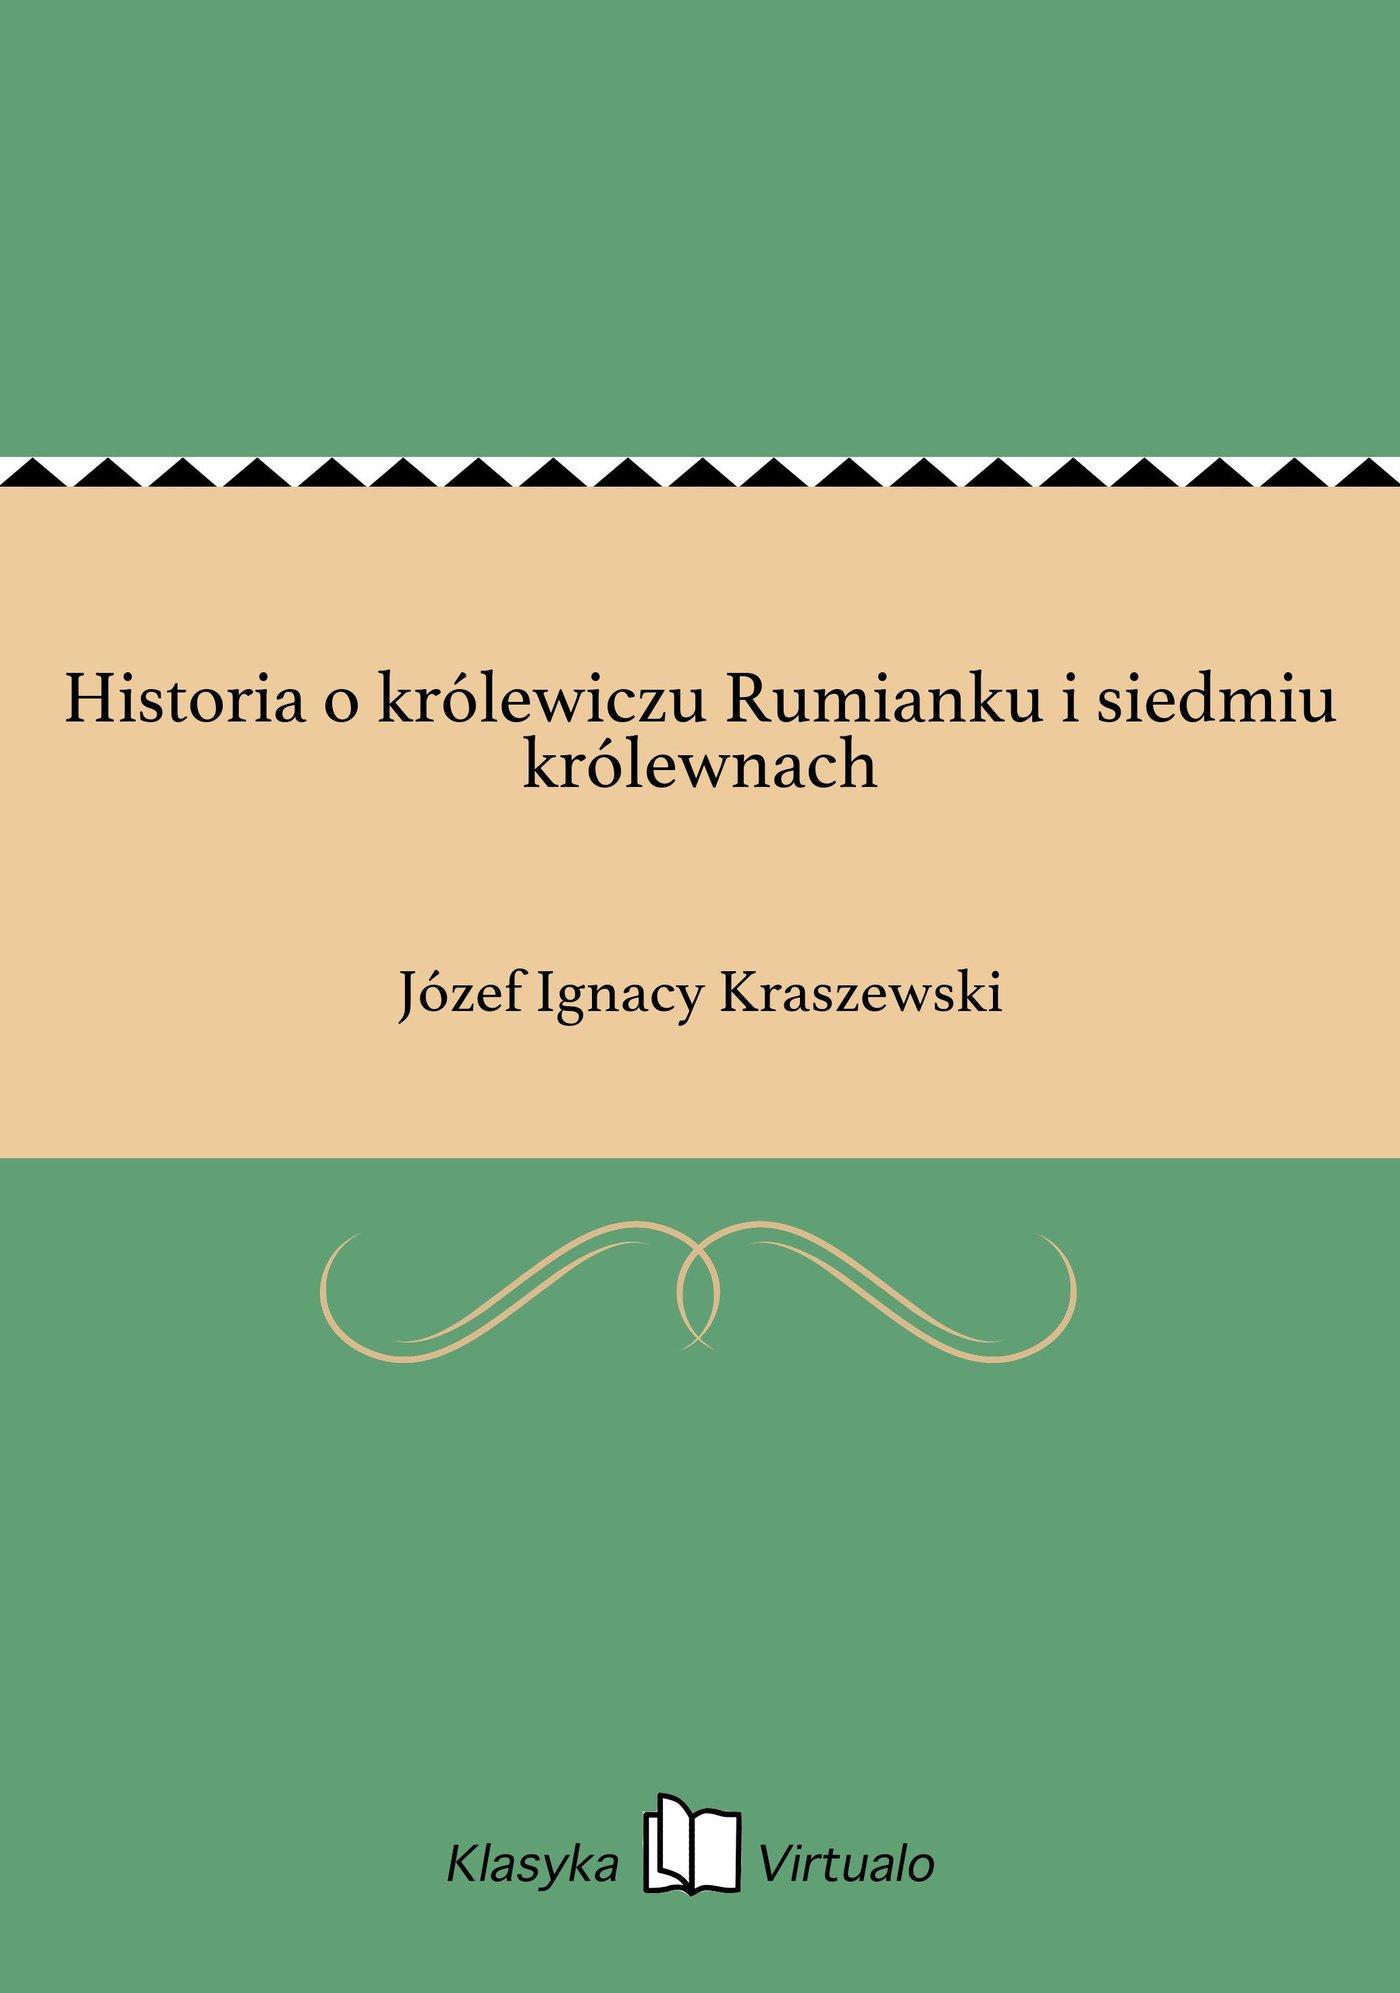 Historia o królewiczu Rumianku i siedmiu królewnach - Ebook (Książka EPUB) do pobrania w formacie EPUB